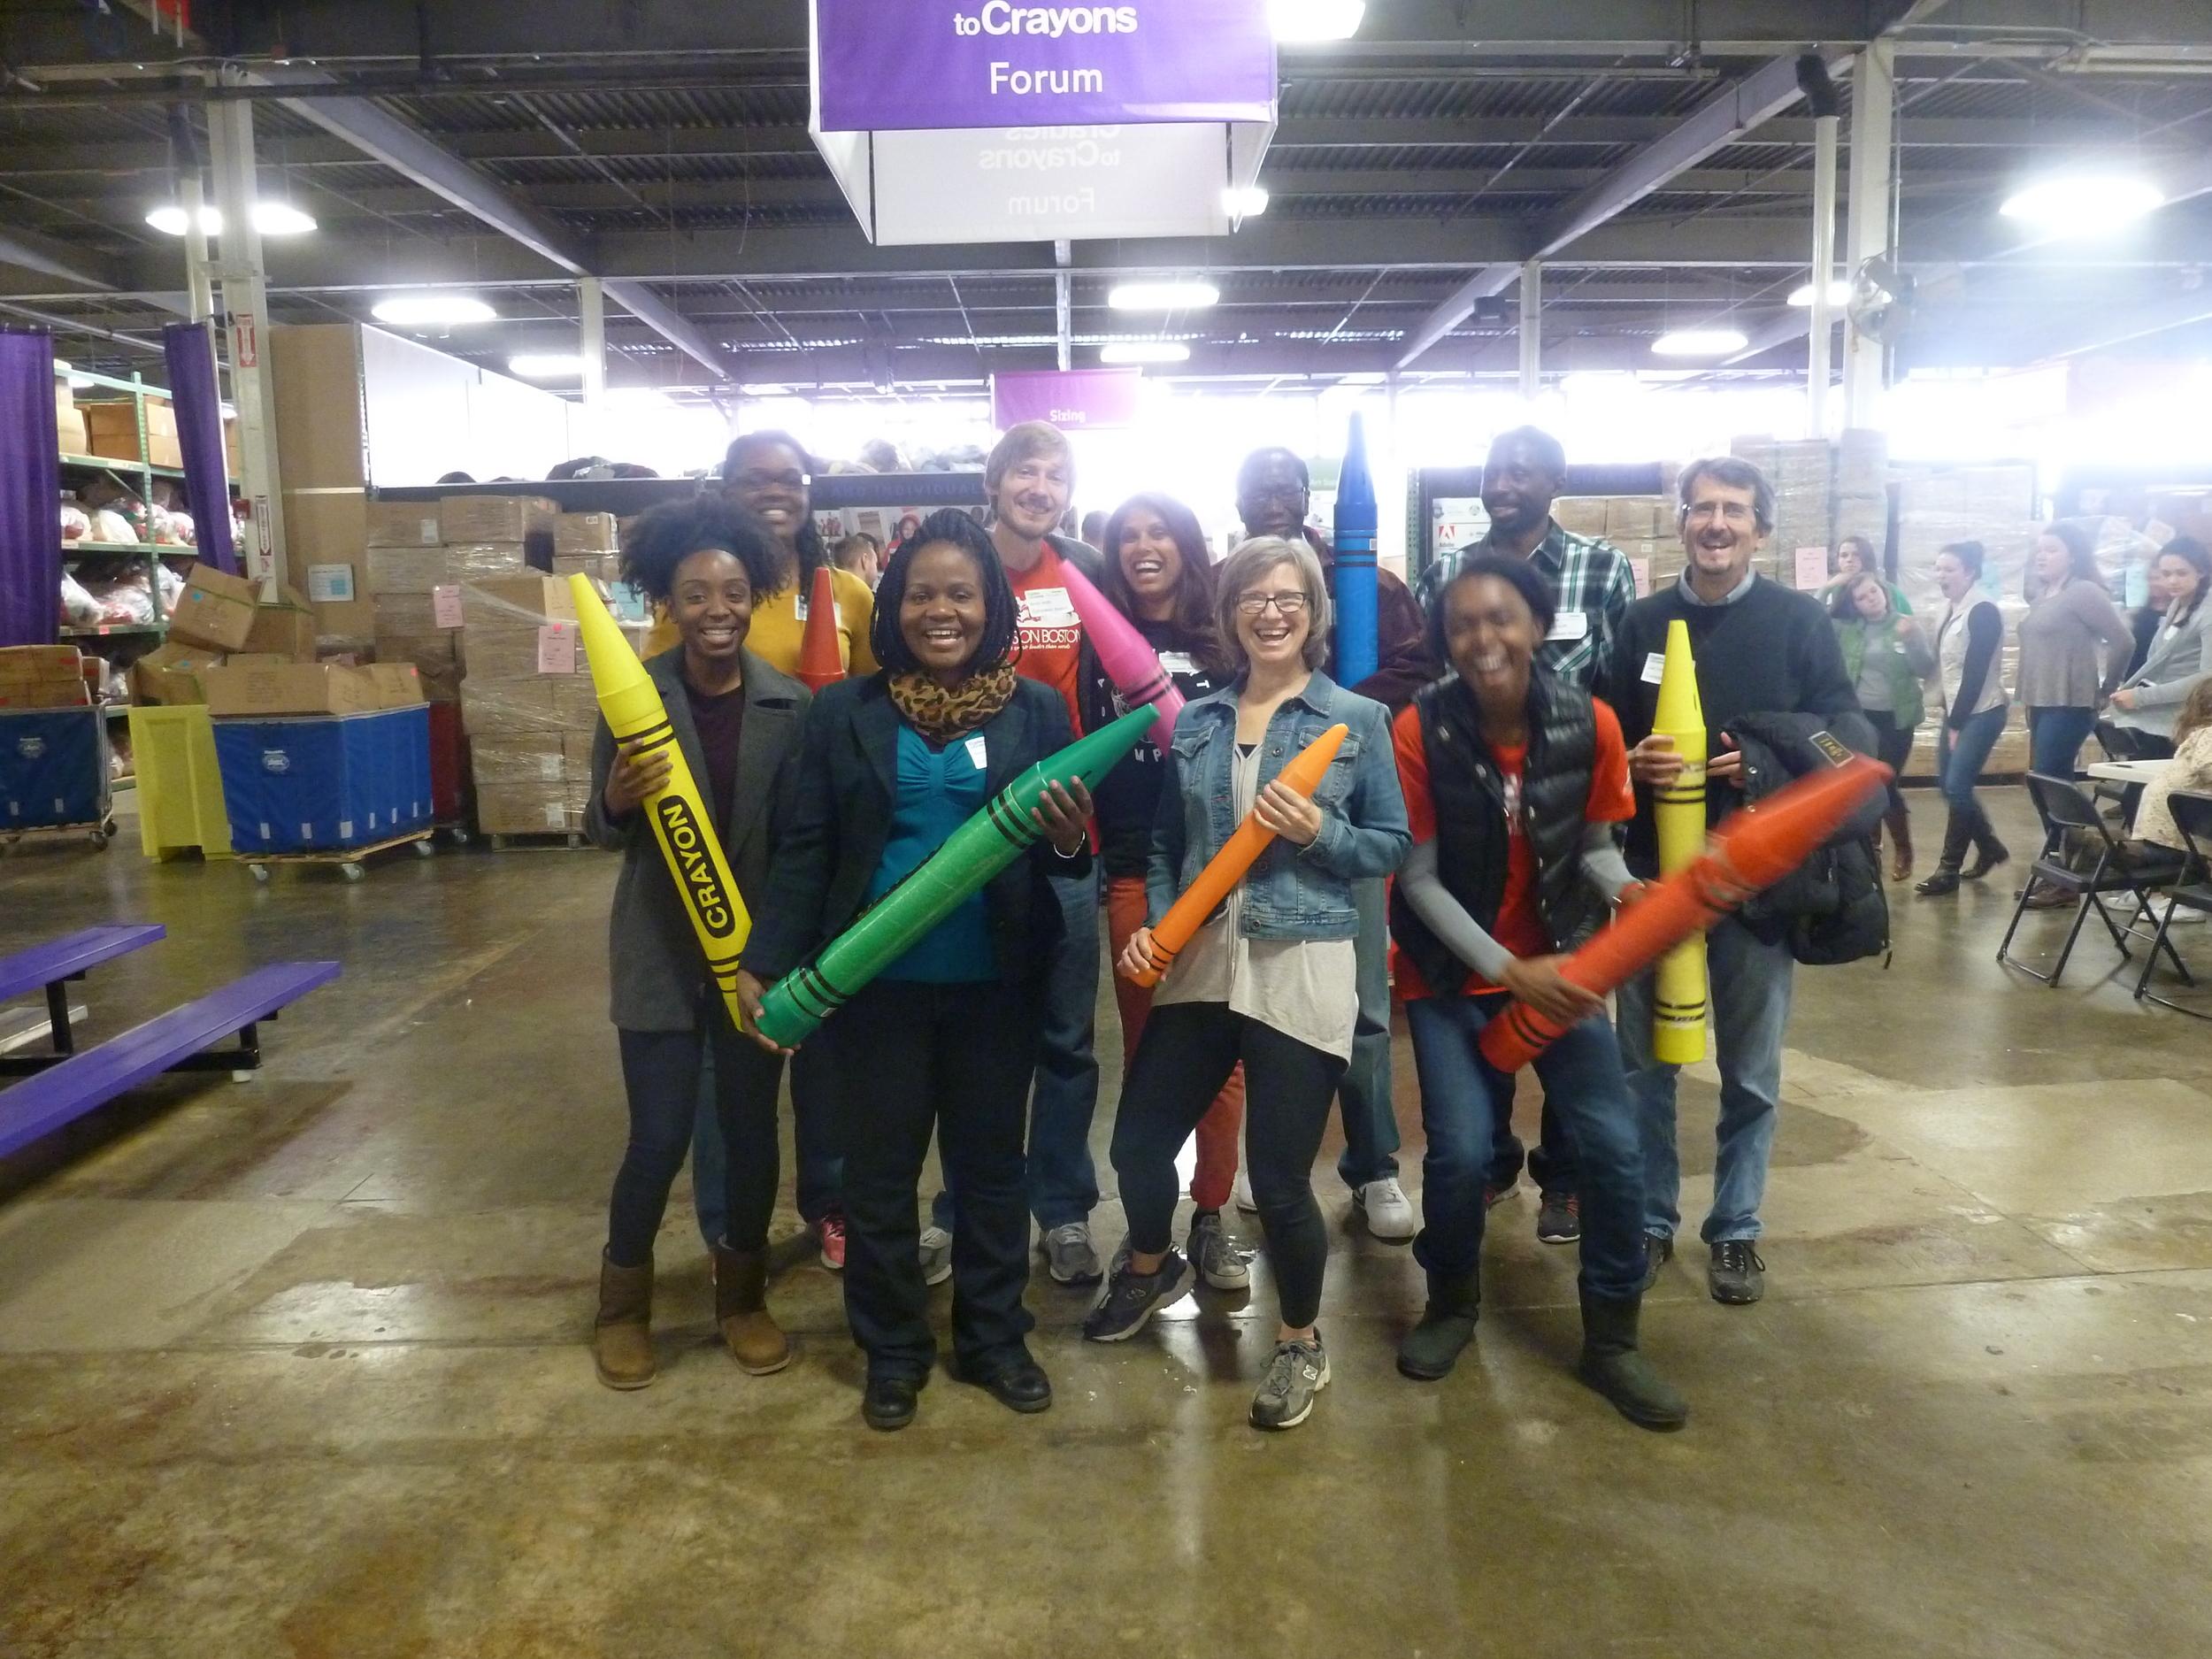 Volunteers at Cradles to Crayons.